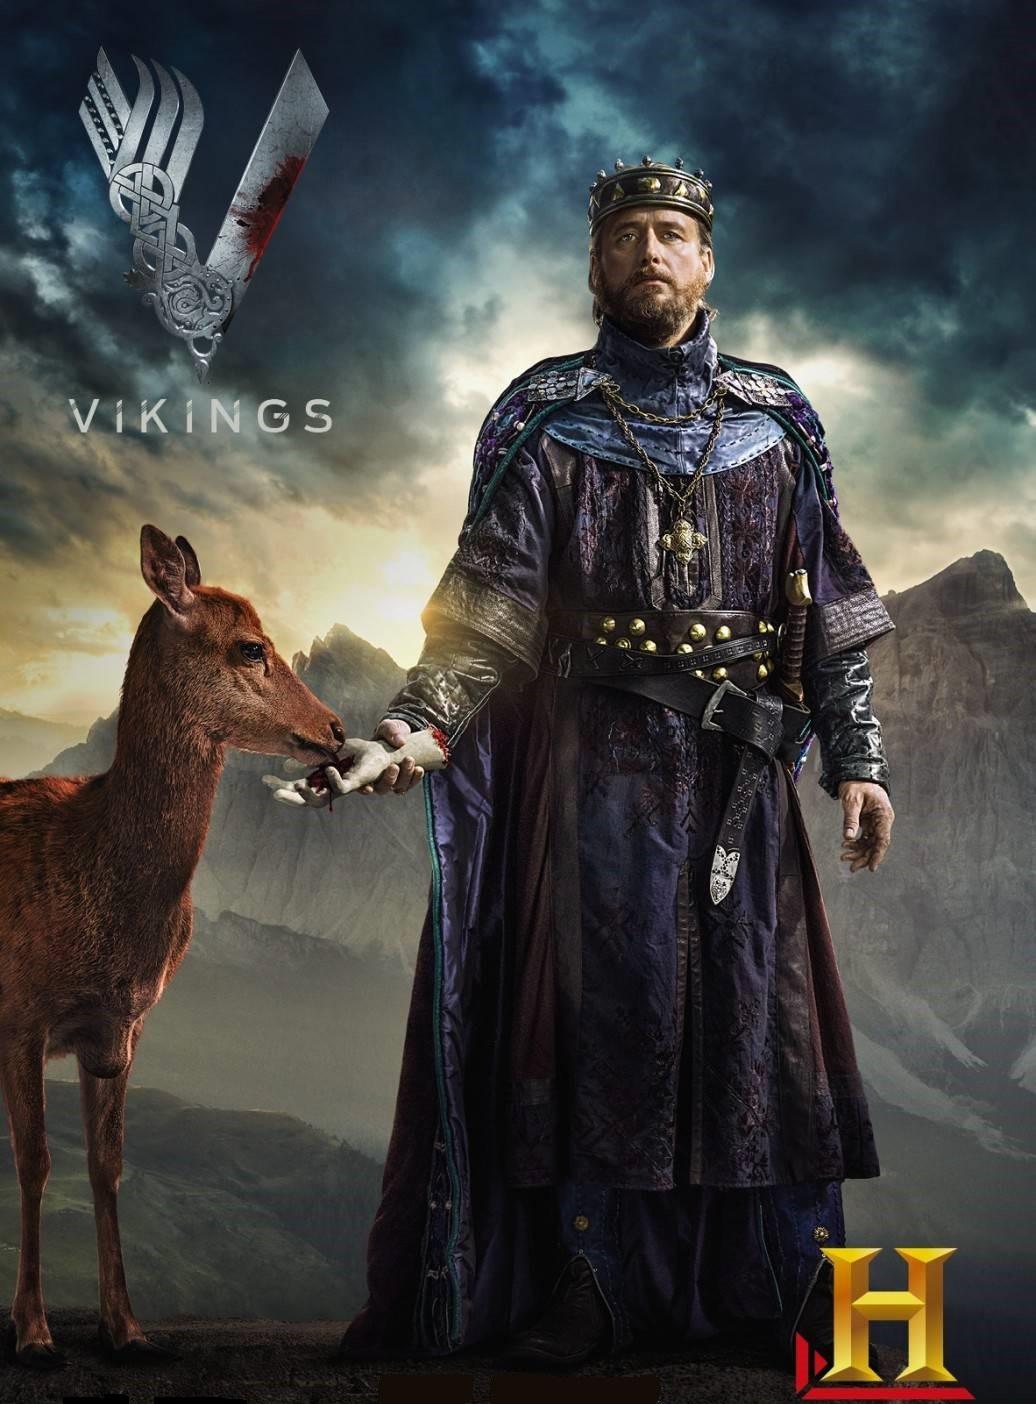 Викинги скачать 4 сезон lostfilm торрент.